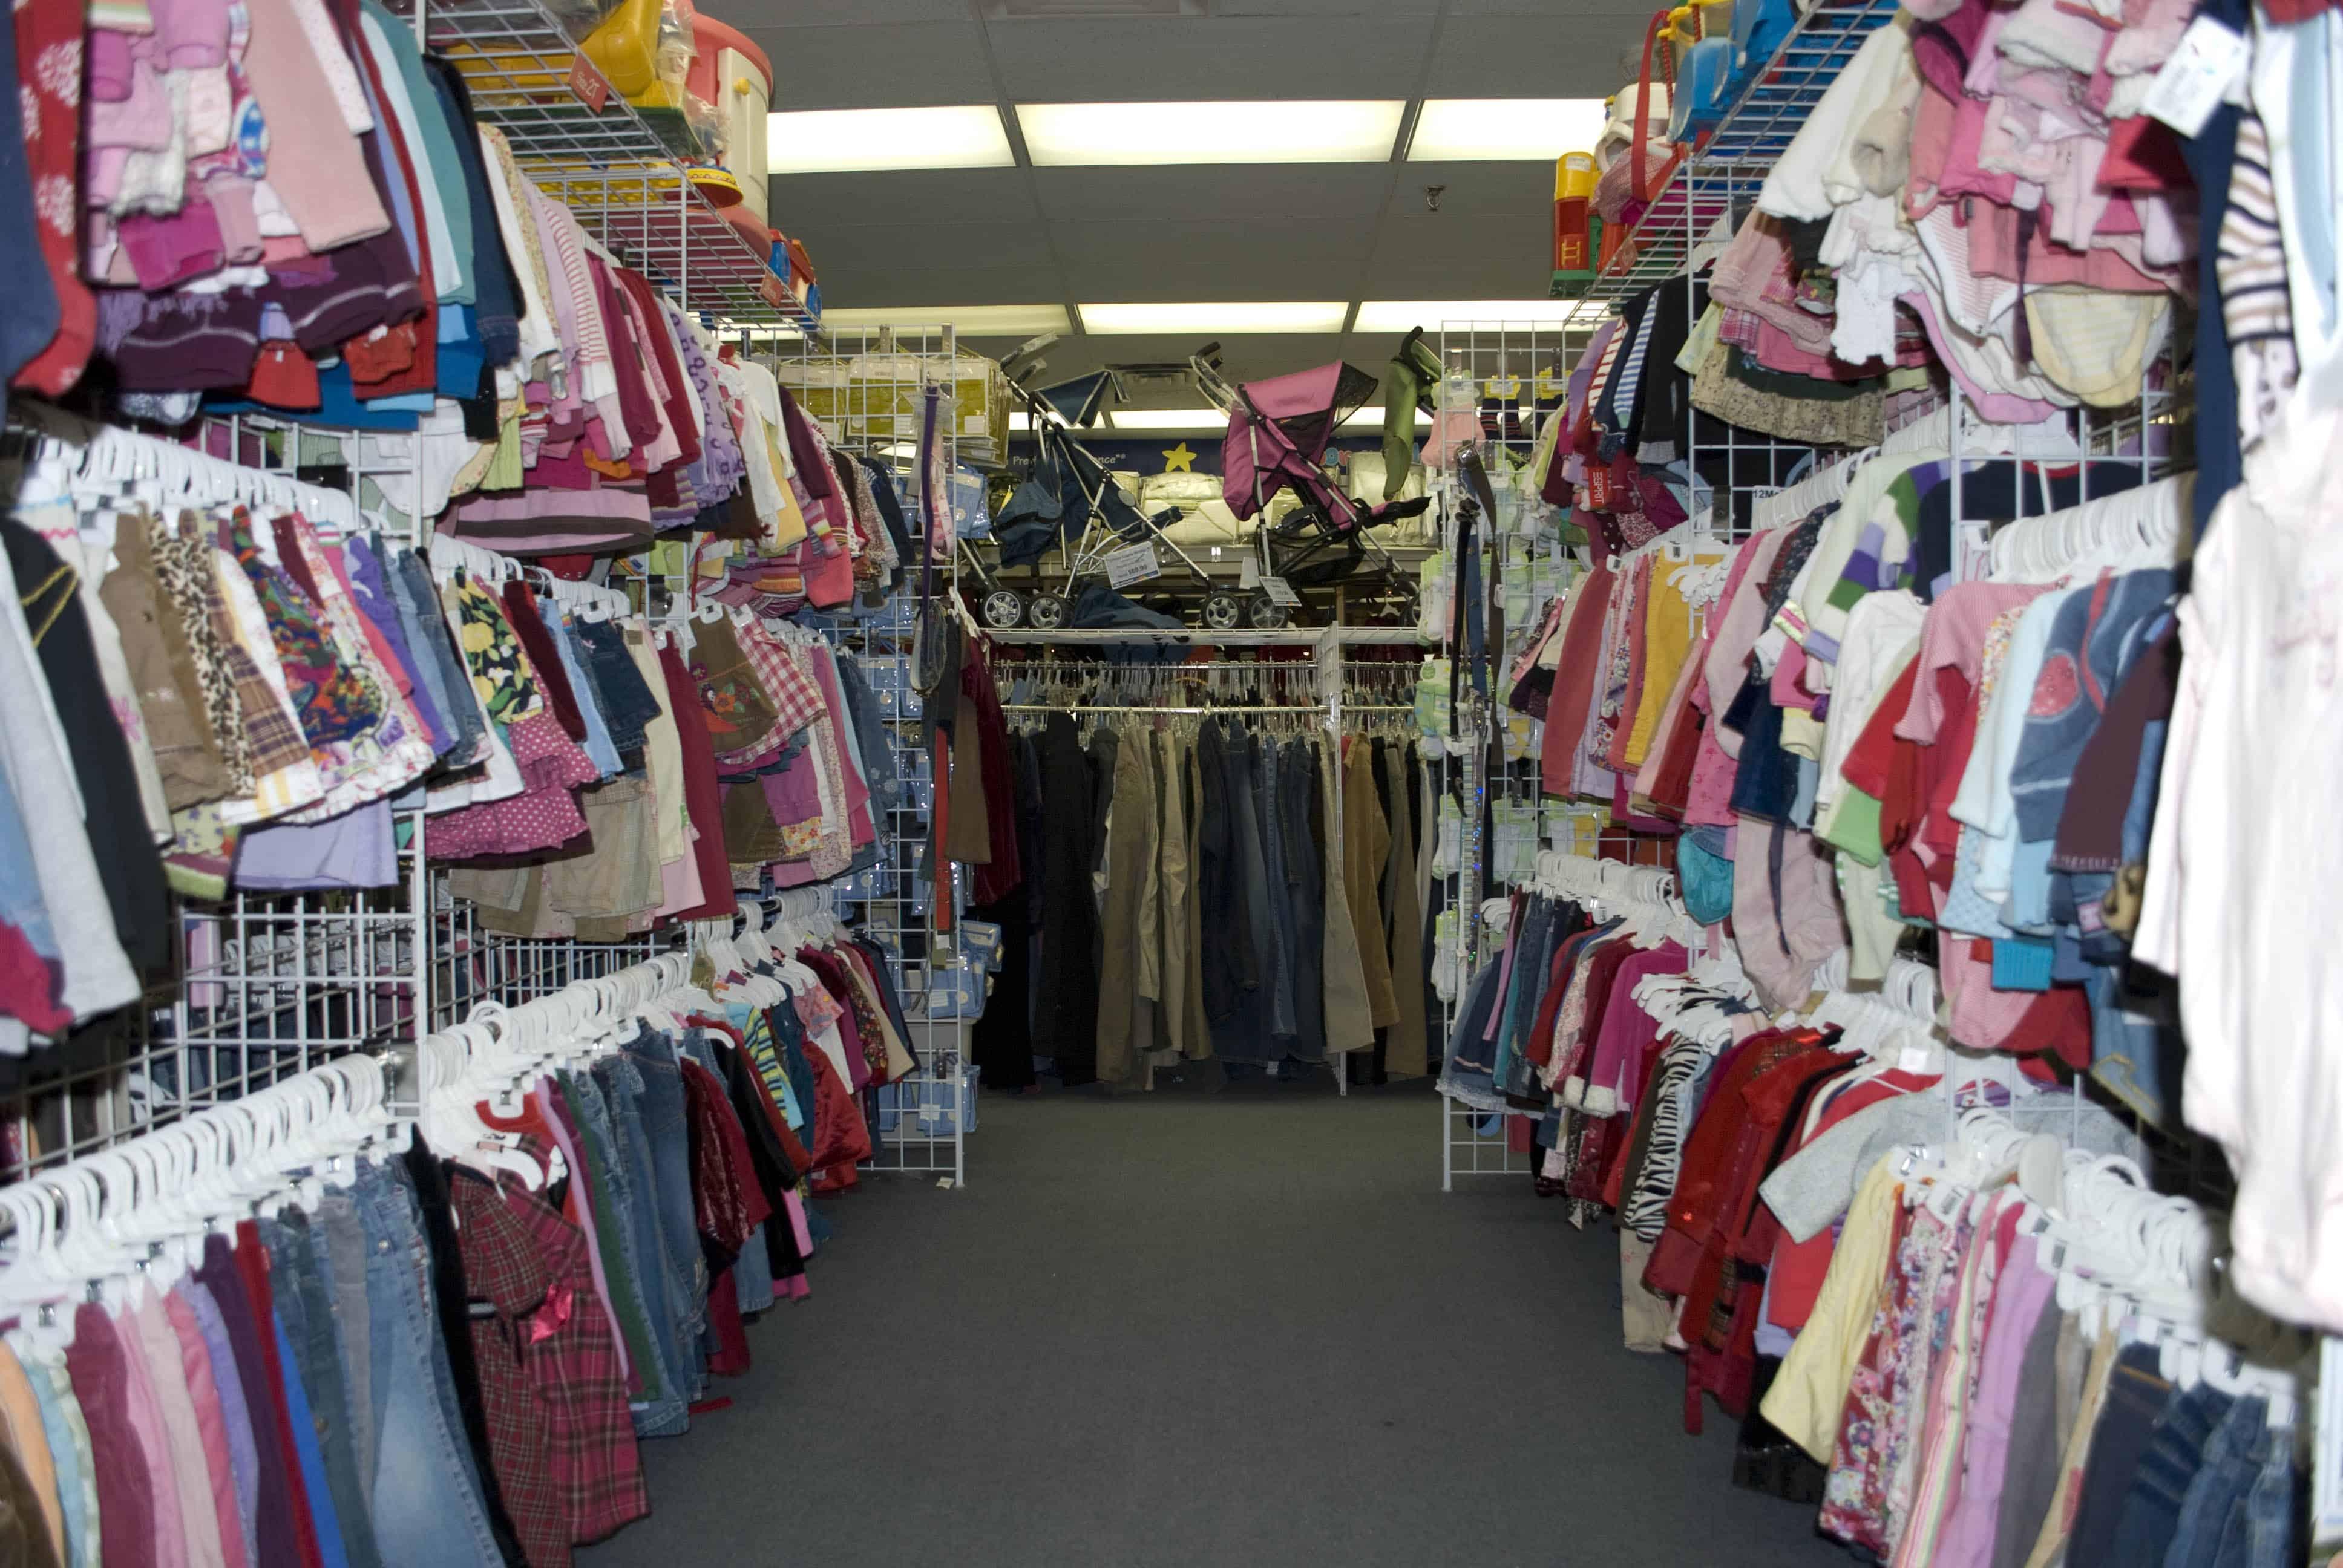 إلغاء تخفيض الضرائب والرسوم يرفع أسعار الألبسة 15 %